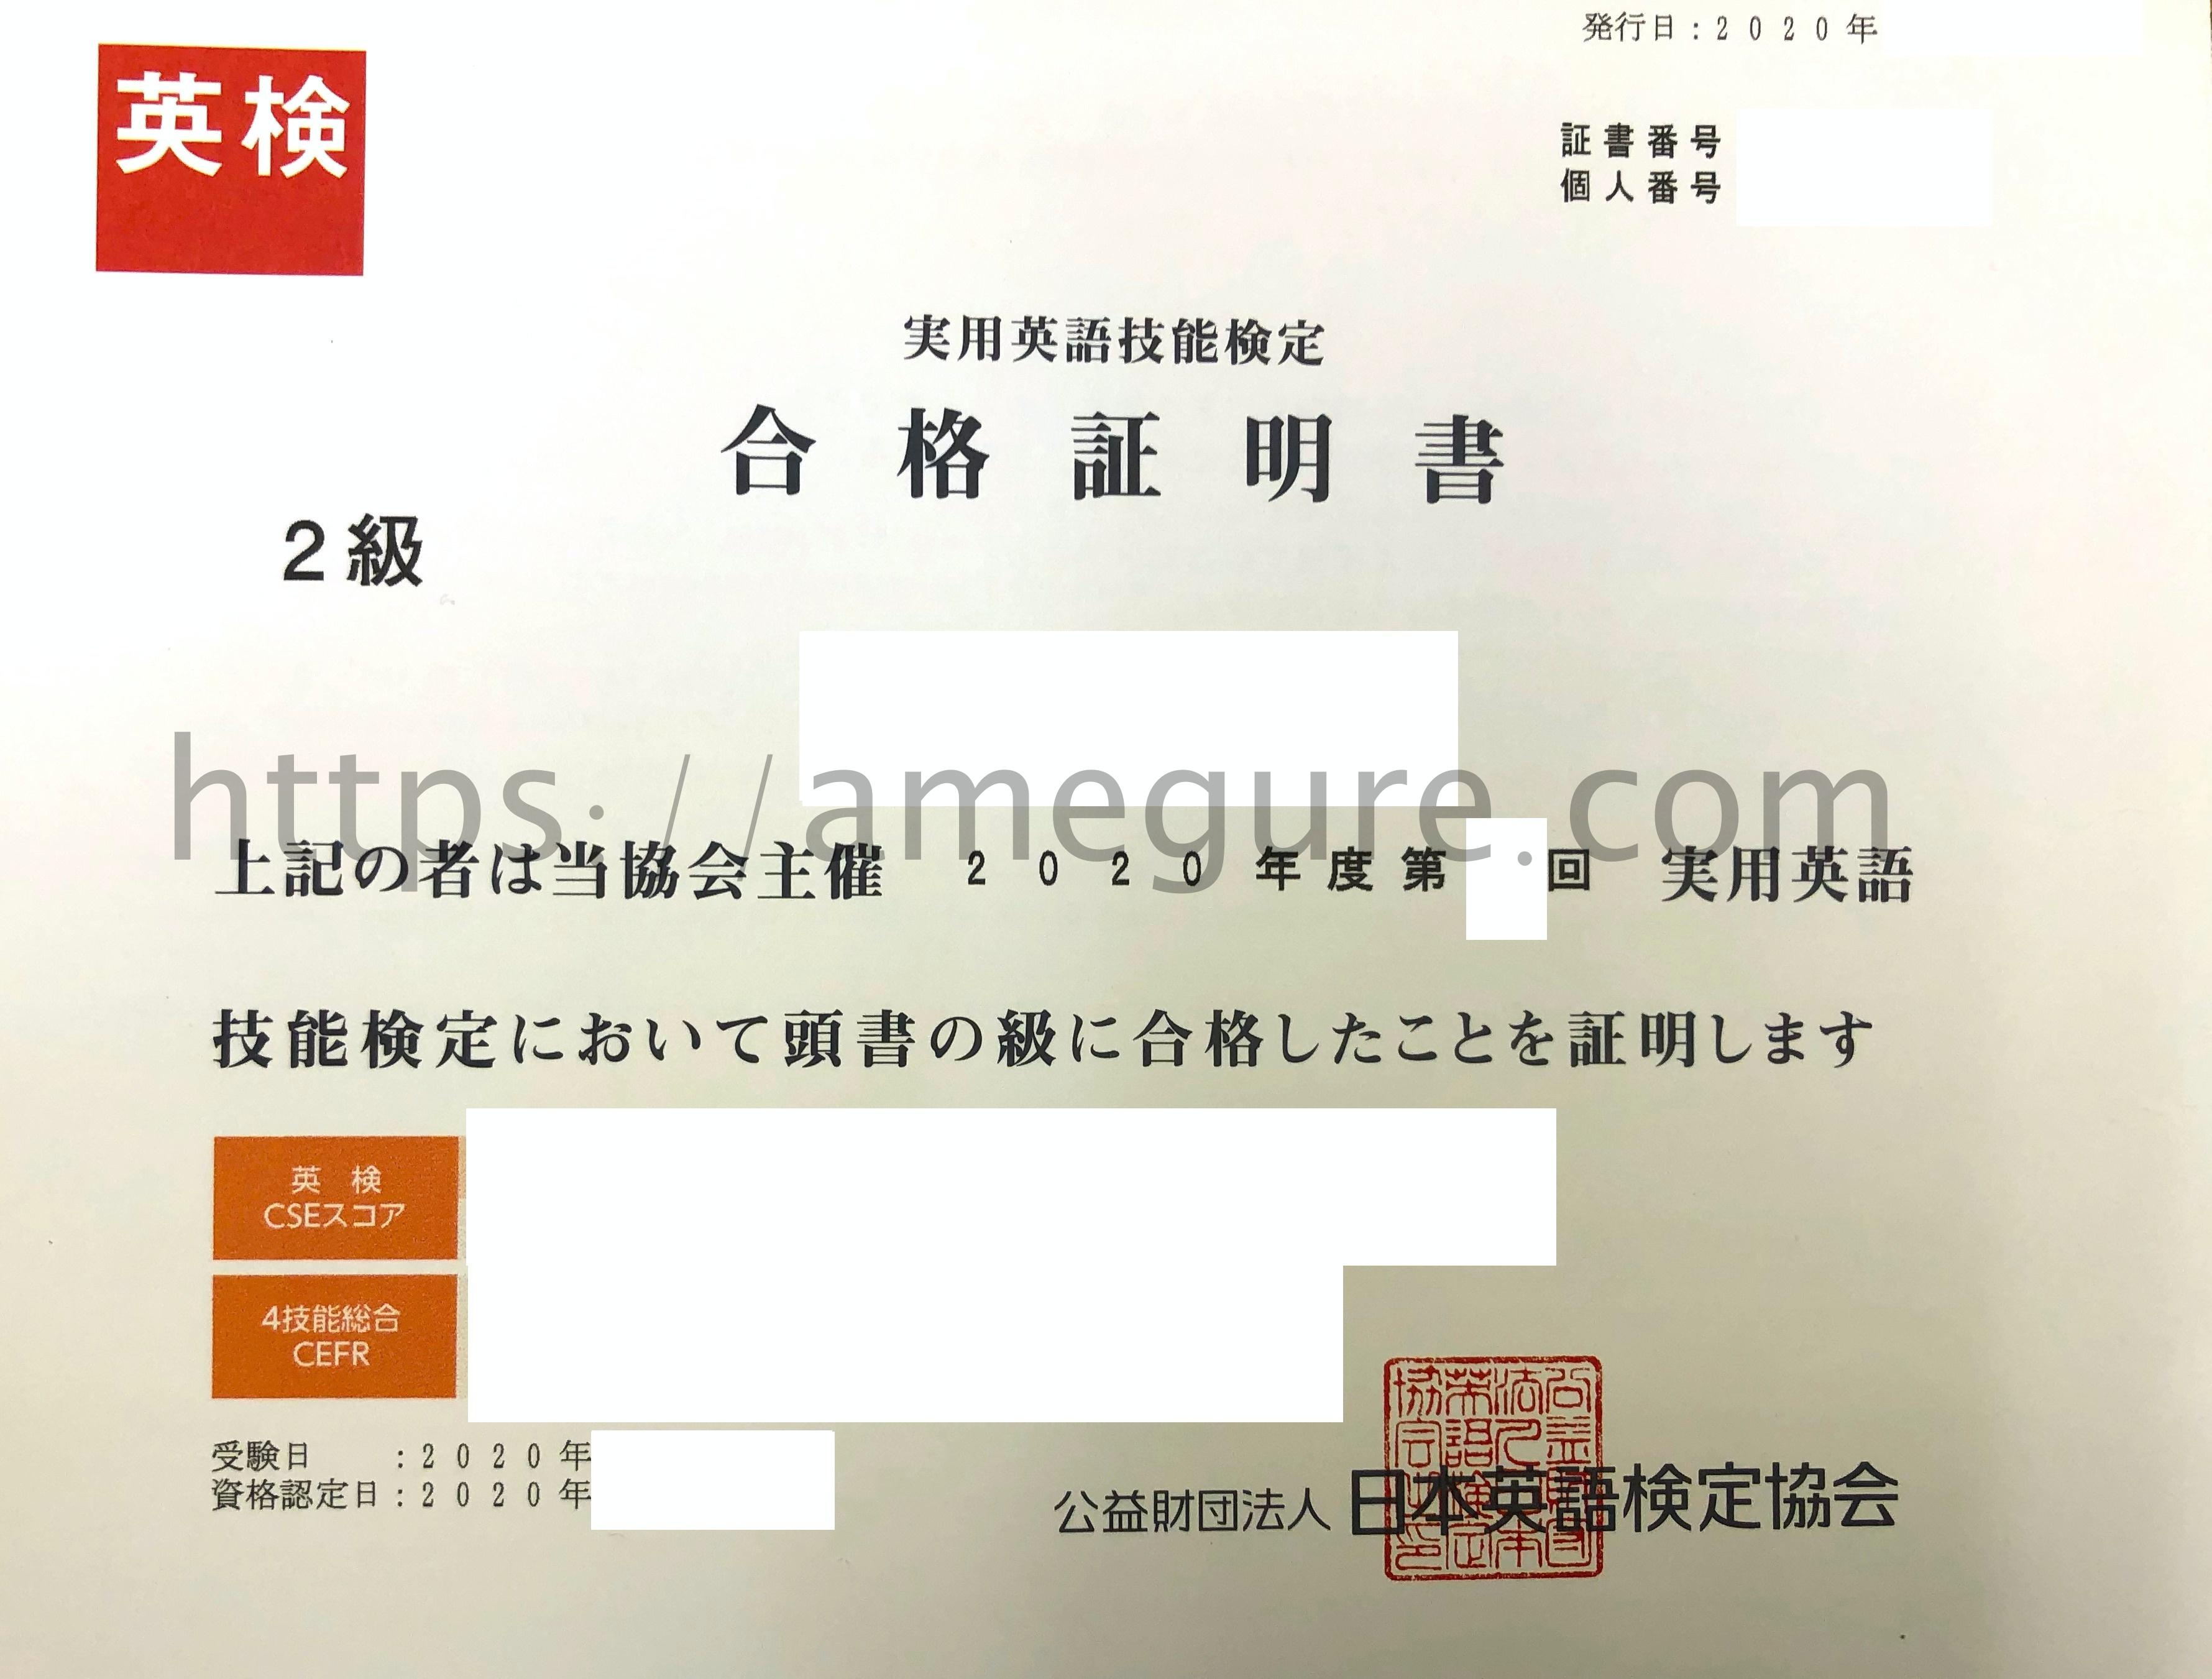 英検2級合格証明書